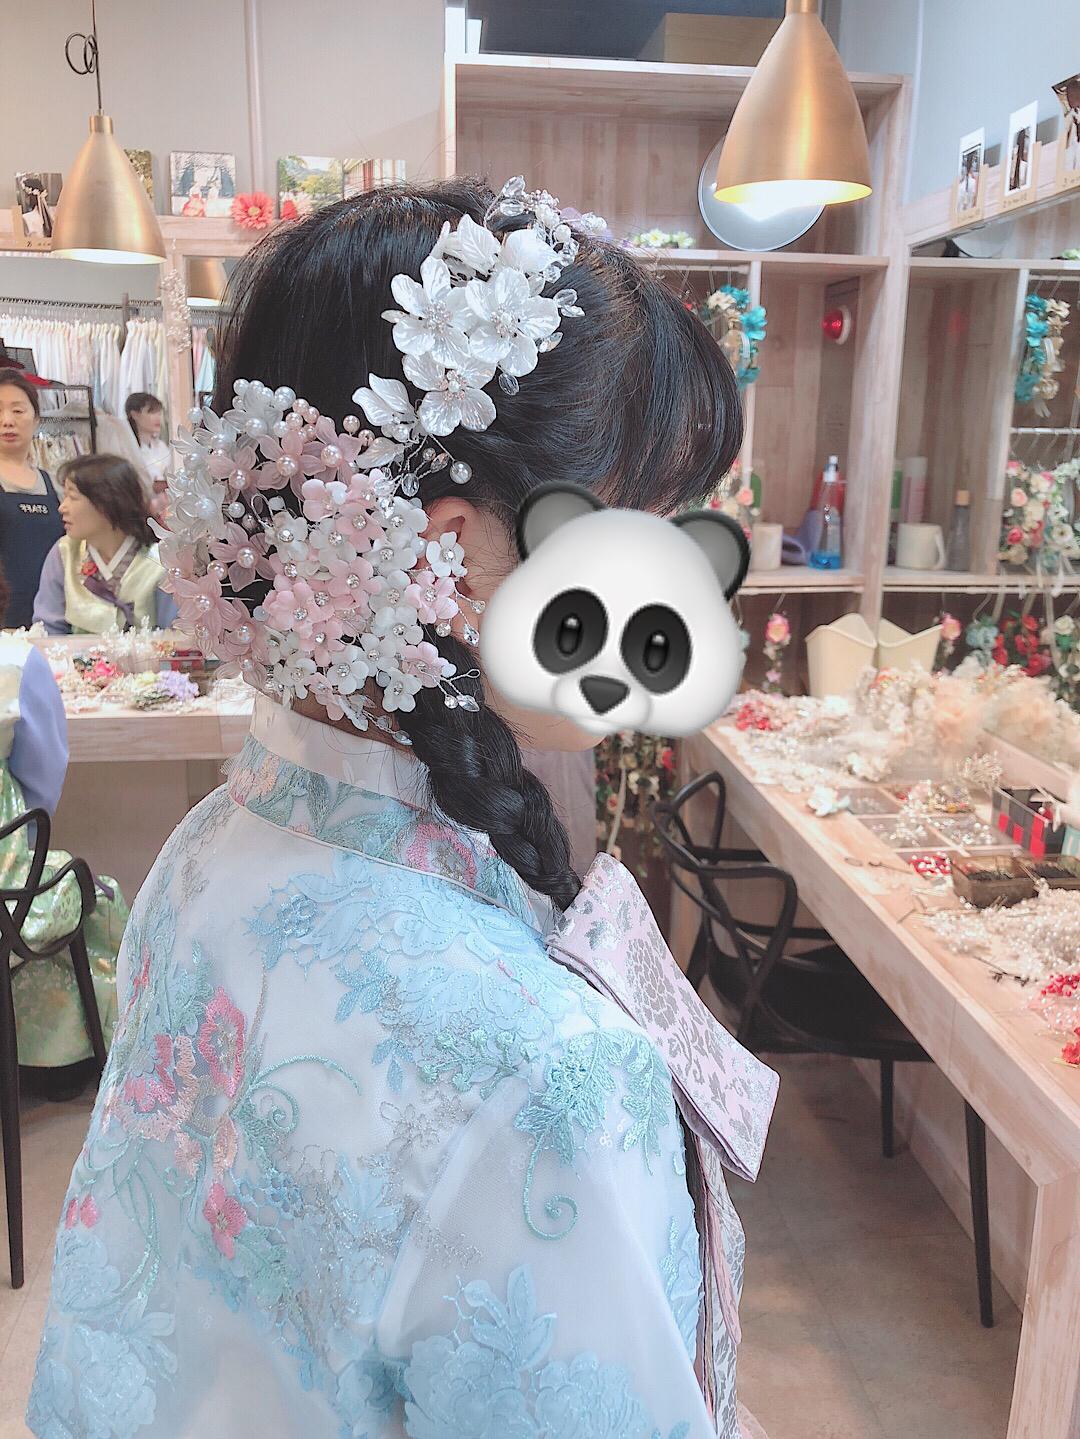 【韓国旅行】種類が豊富なチマチョゴリレンタル店!☆_1_8